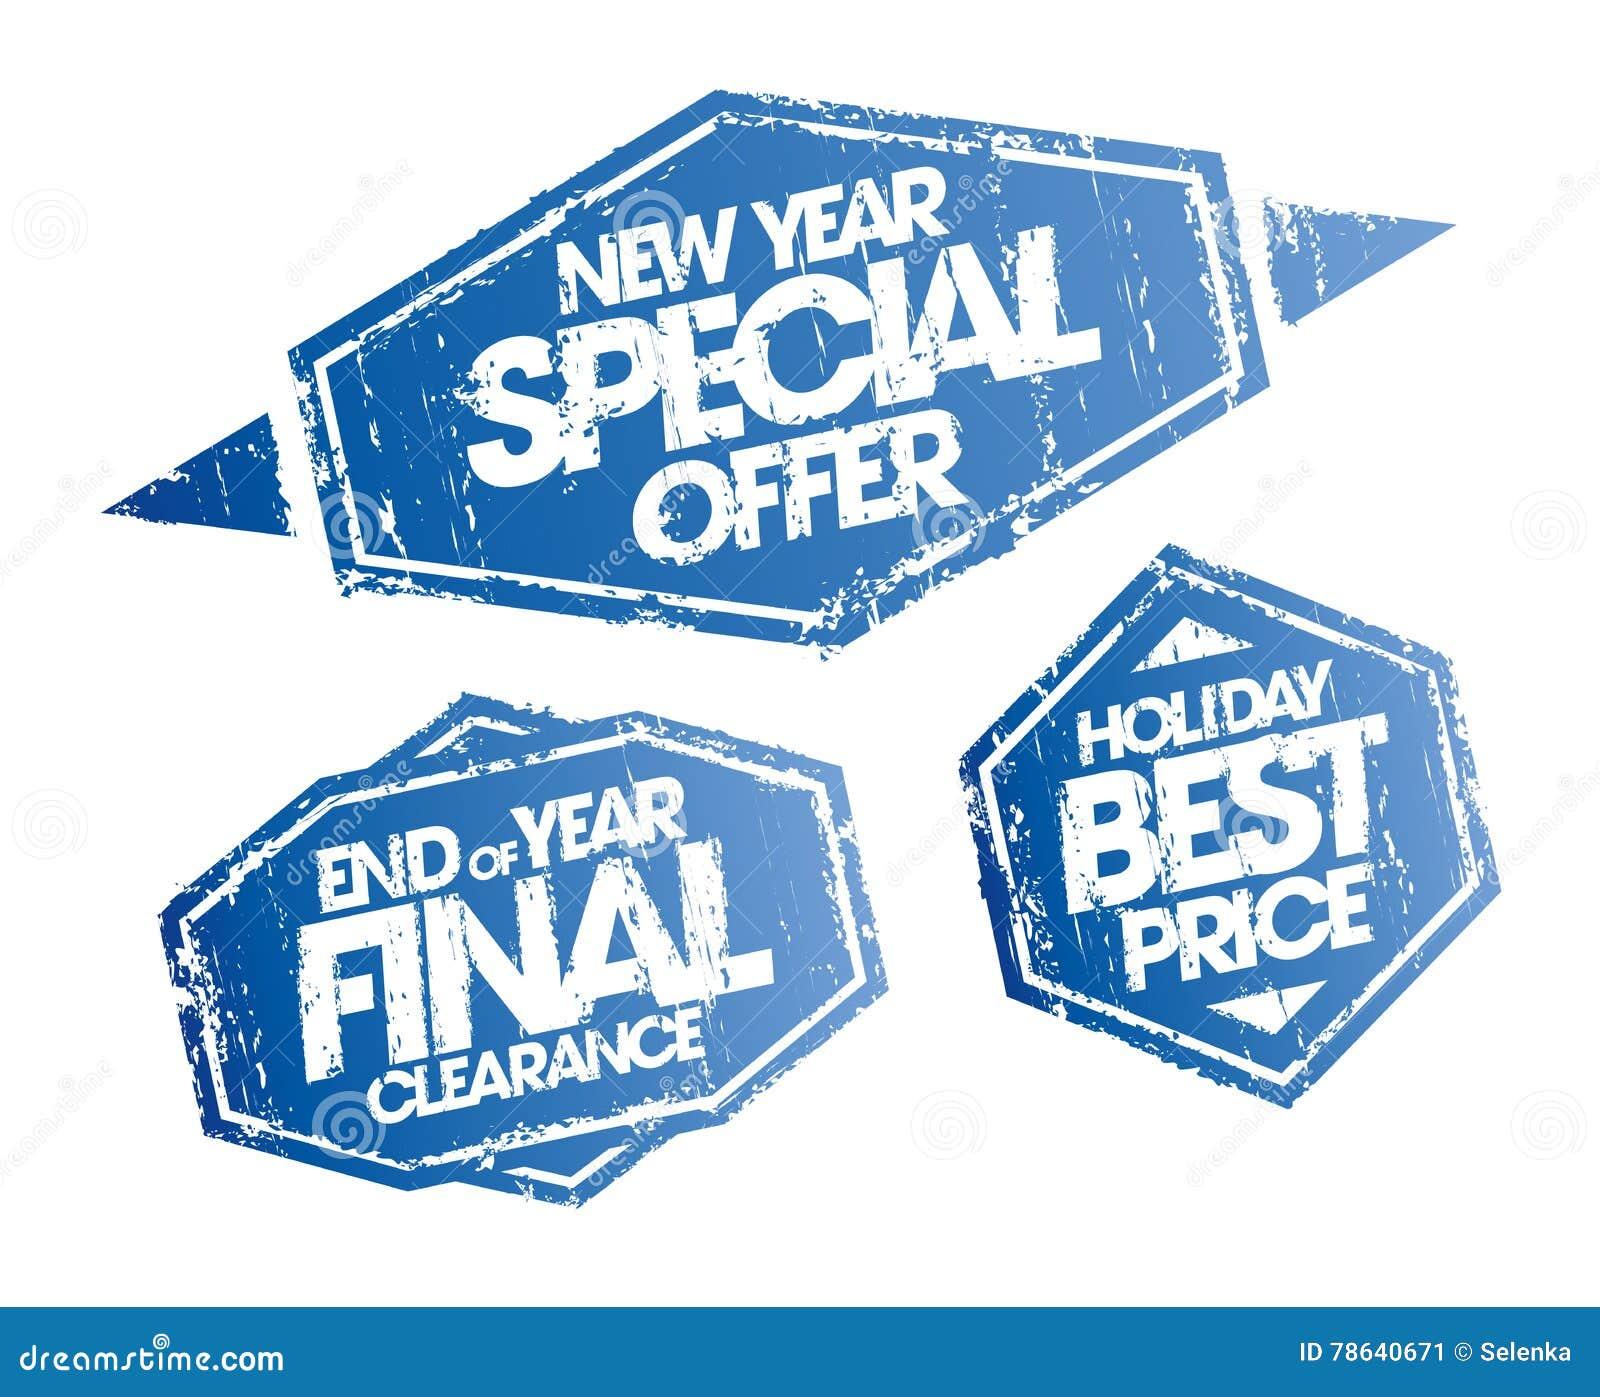 Установленное предложение Нового Года специальное, зазор конца года окончательный и штемпеля цены праздника самые лучшие